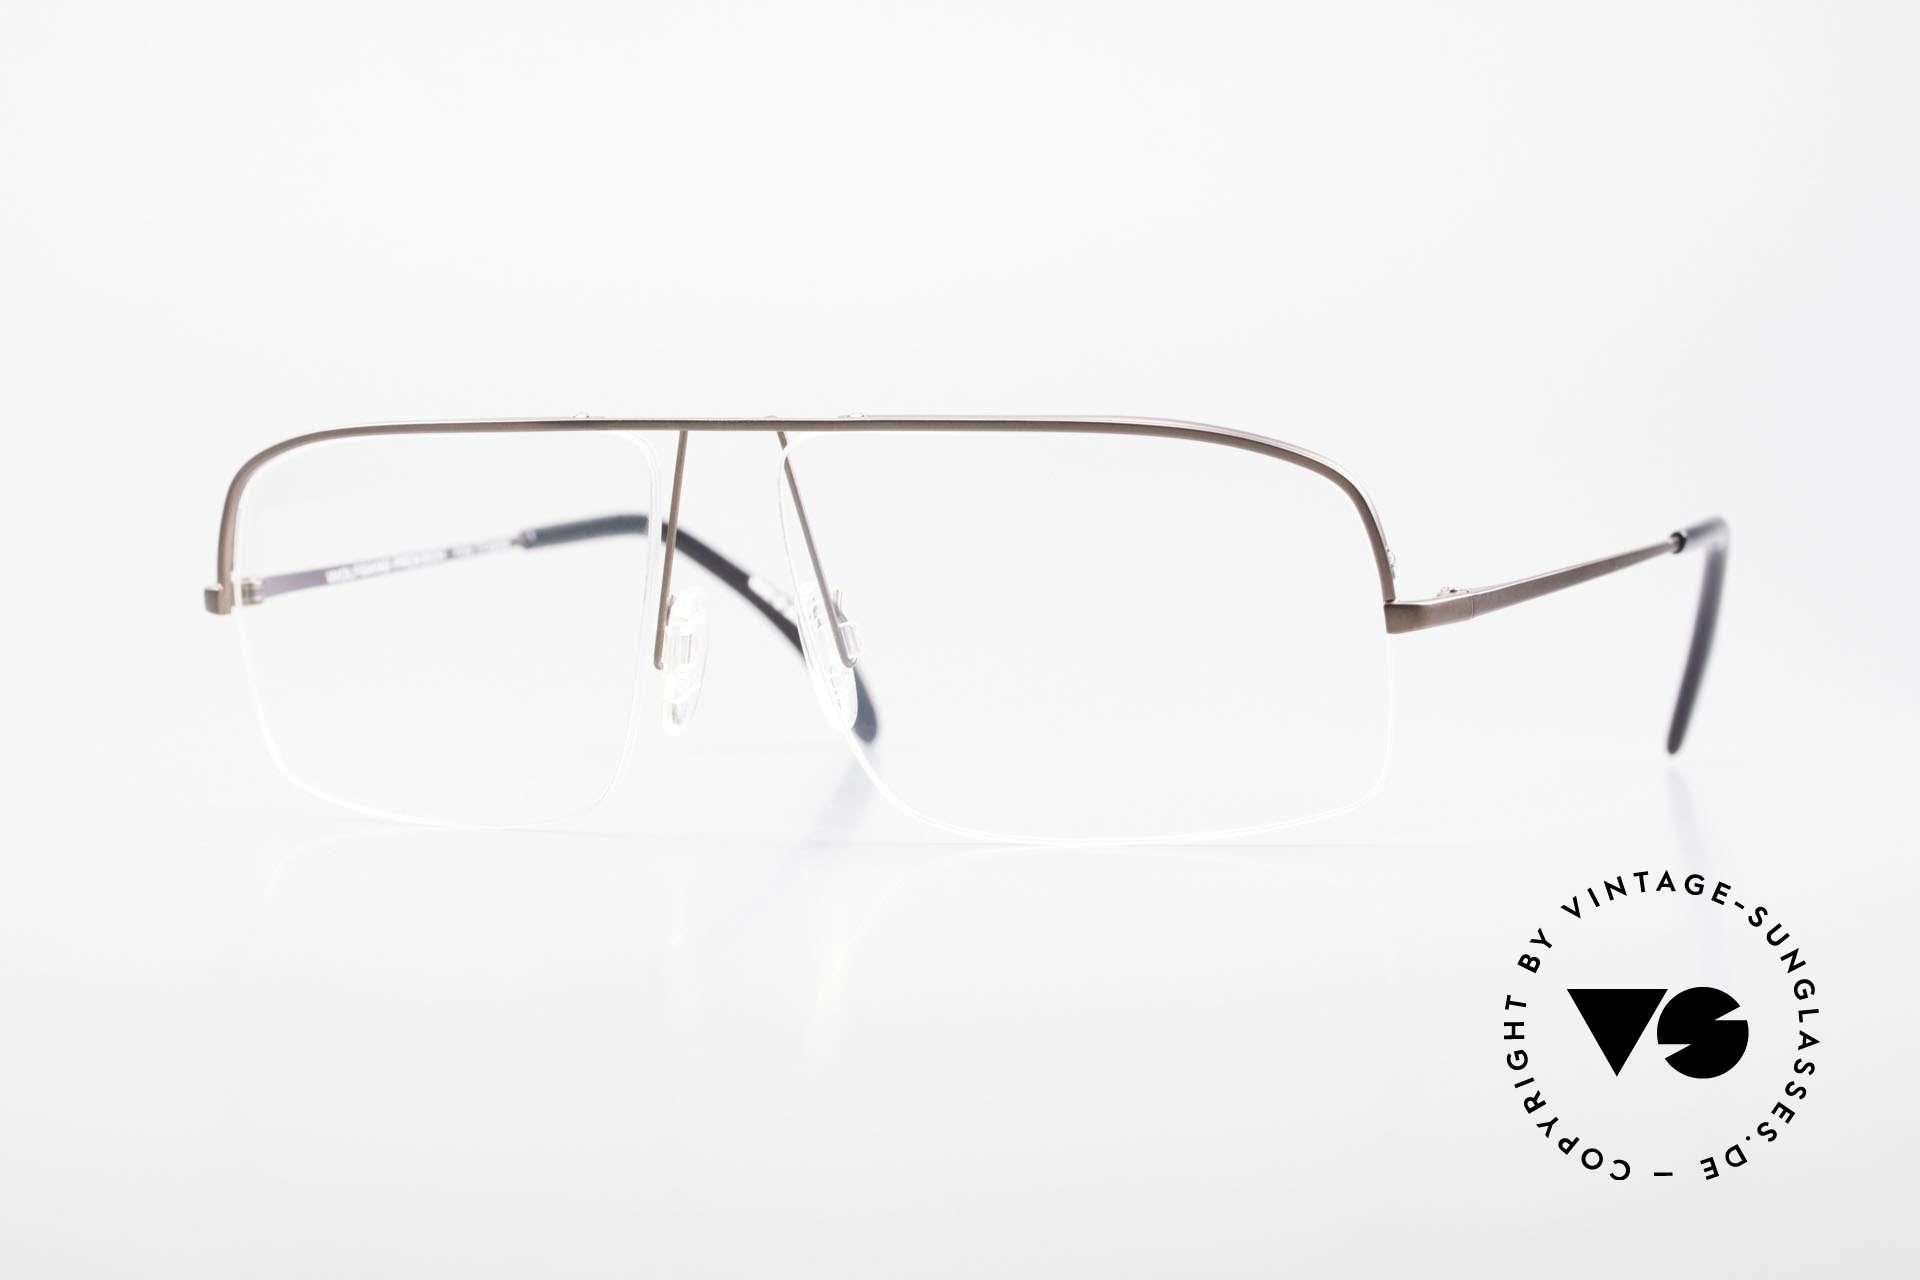 Wolfgang Proksch WP0103 New Tear Drop Titanfassung, Wolfgang Proksch vintage Brillenfassung von 1999, Passend für Herren